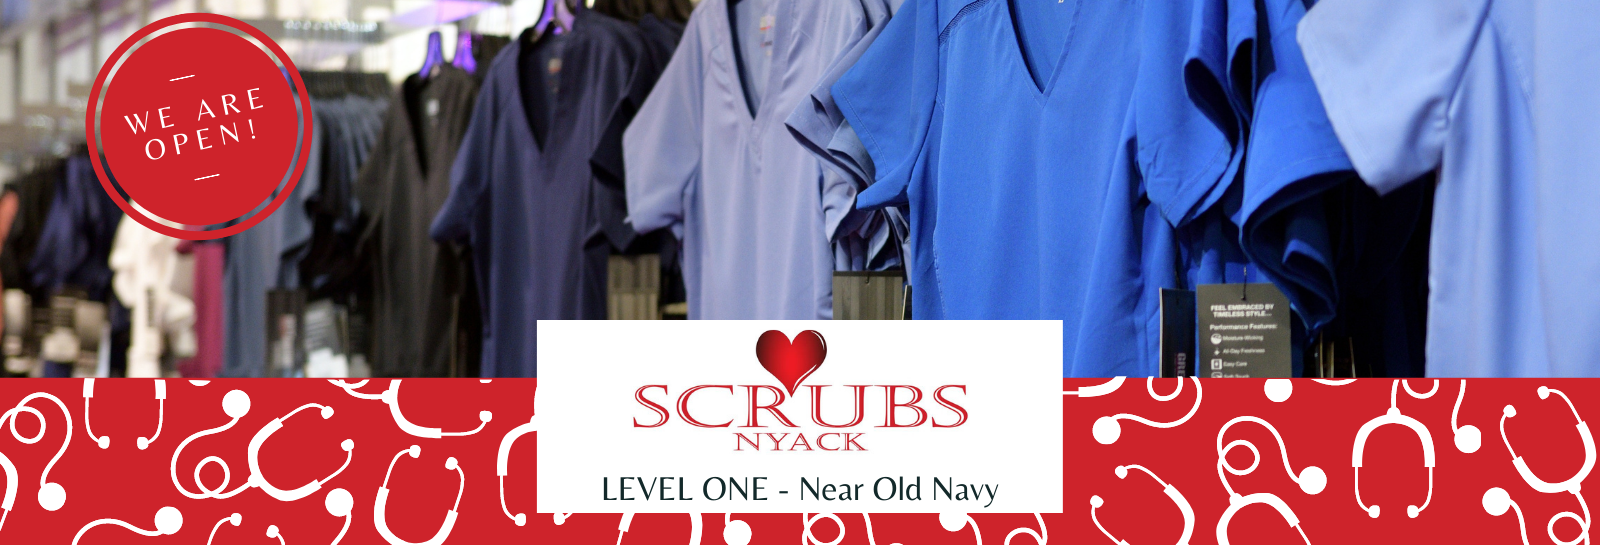 scrubs webad